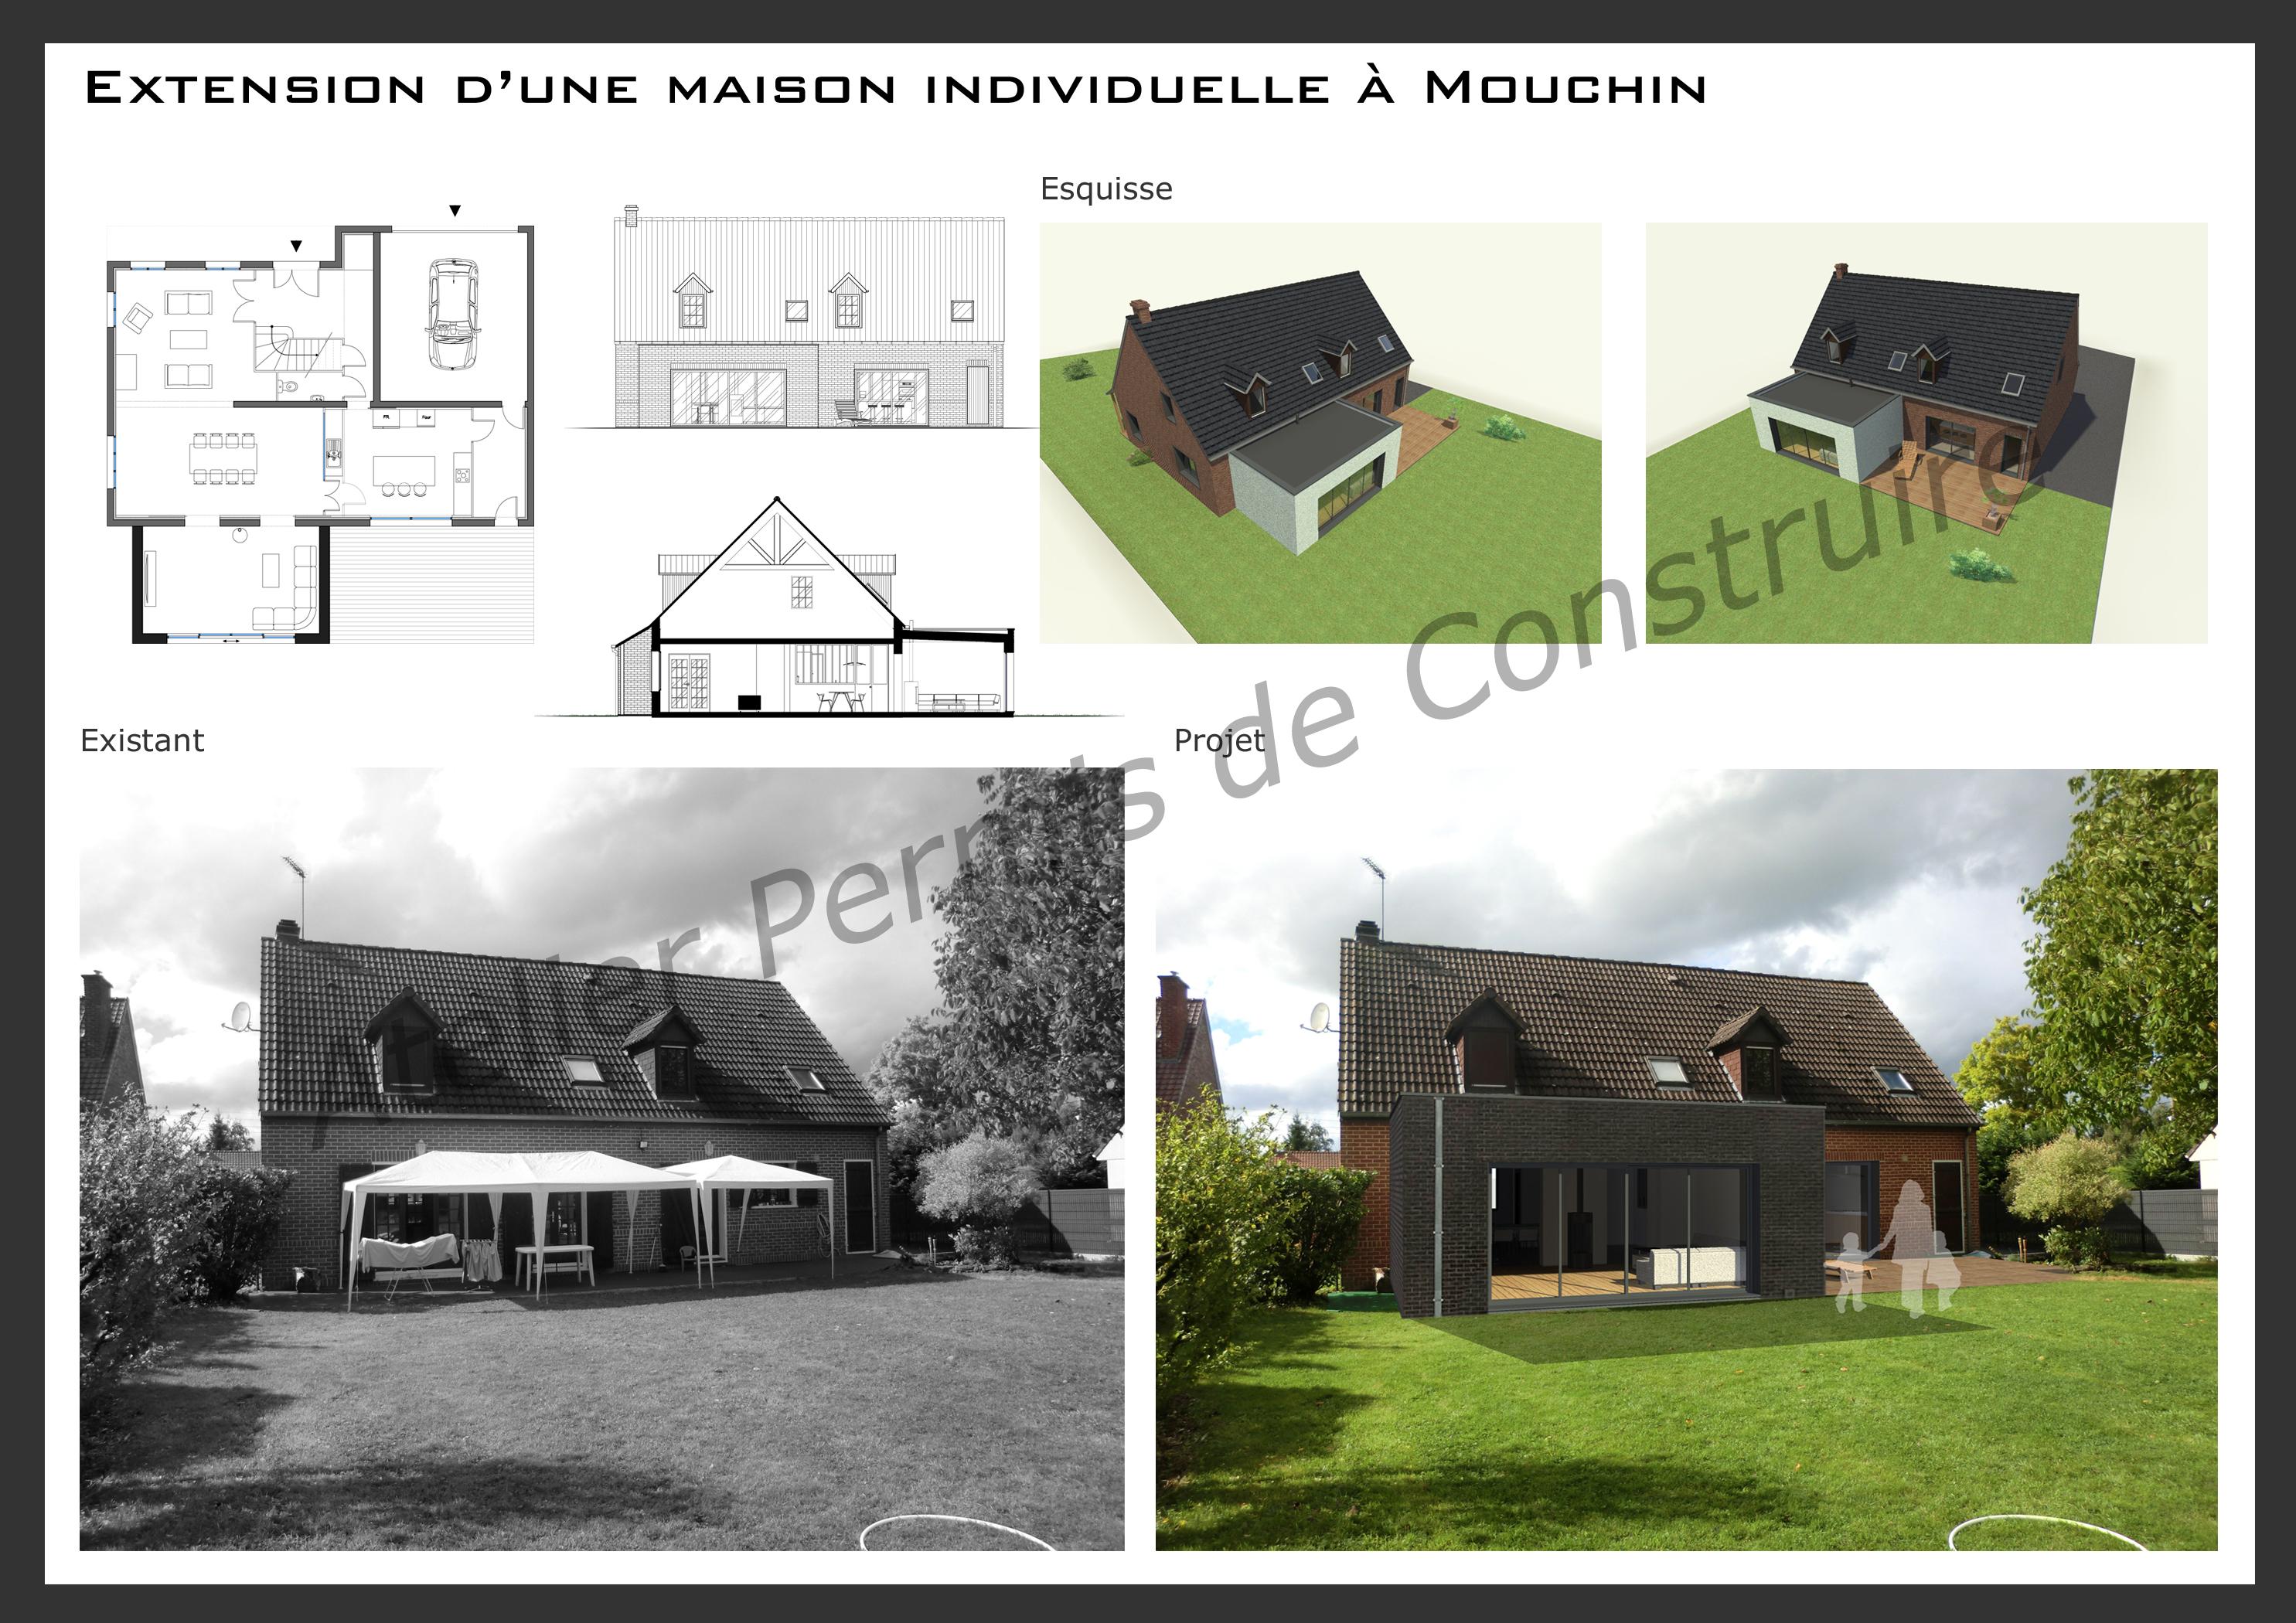 http://atelier-permisdeconstruire.com/extension-dune-maison-individuelle-a-mouchin-nord/